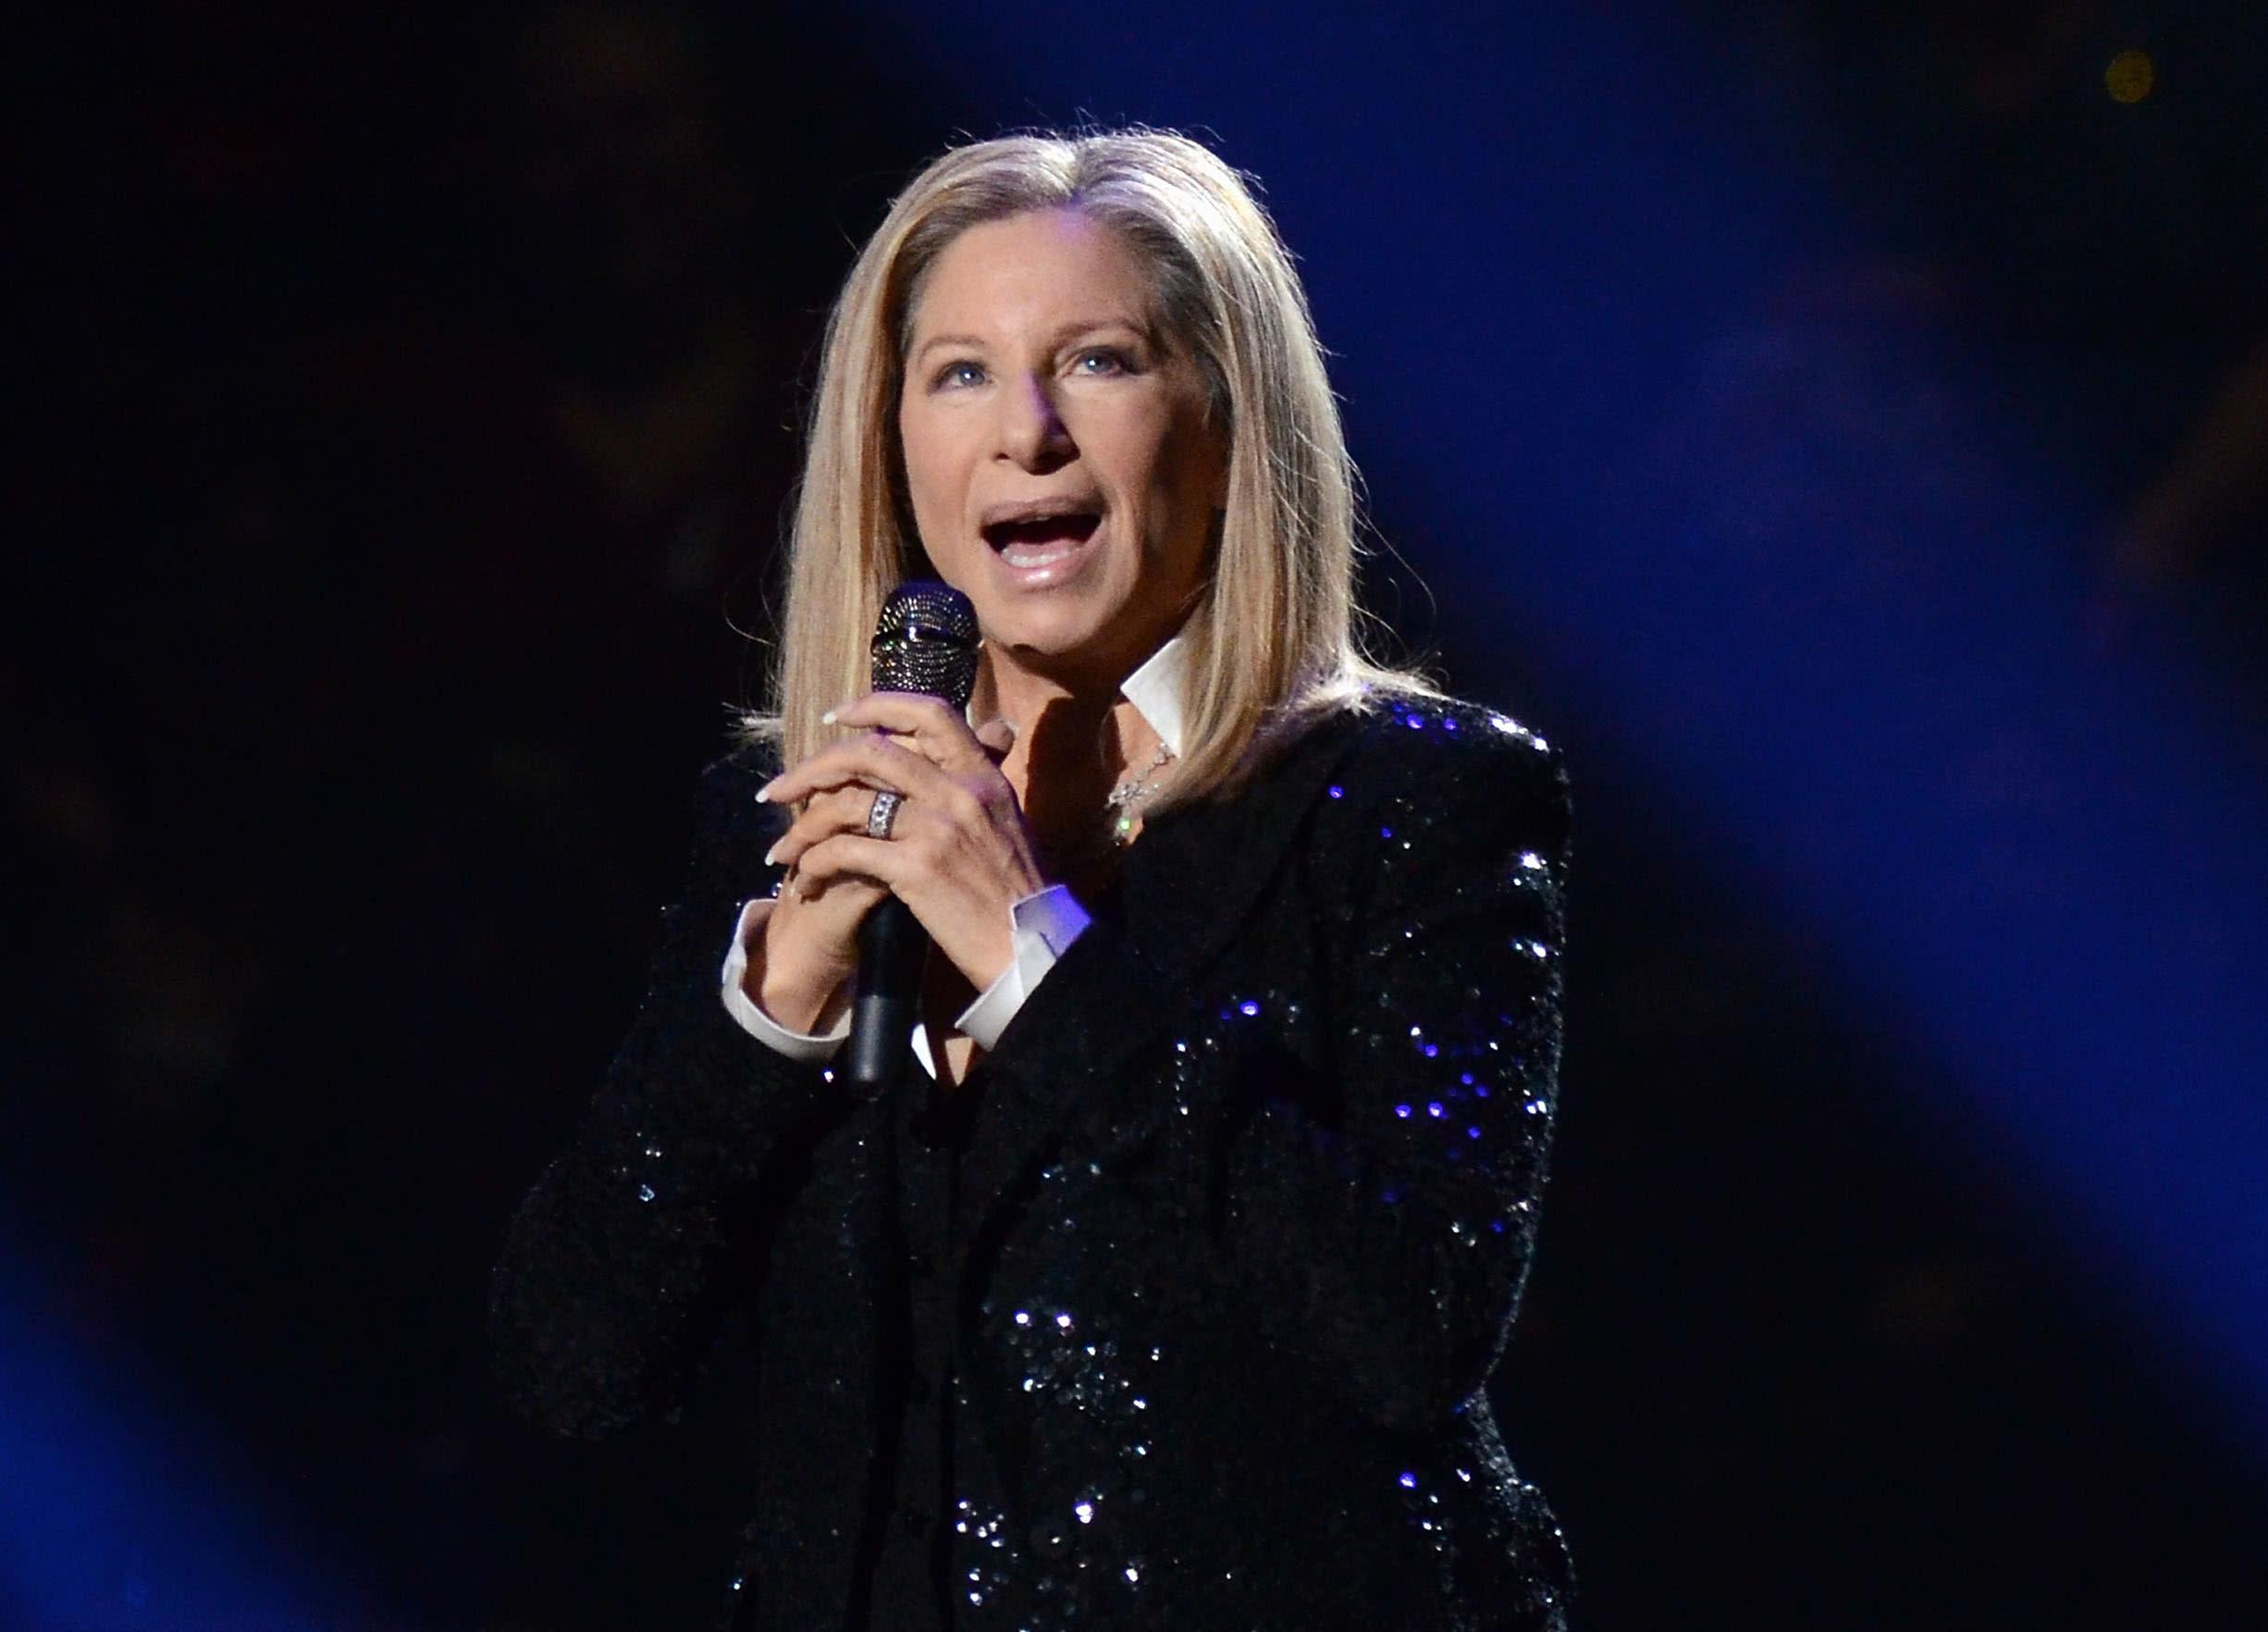 Barbra Streisand Fake Porn barbra streisand will sing at the oscars